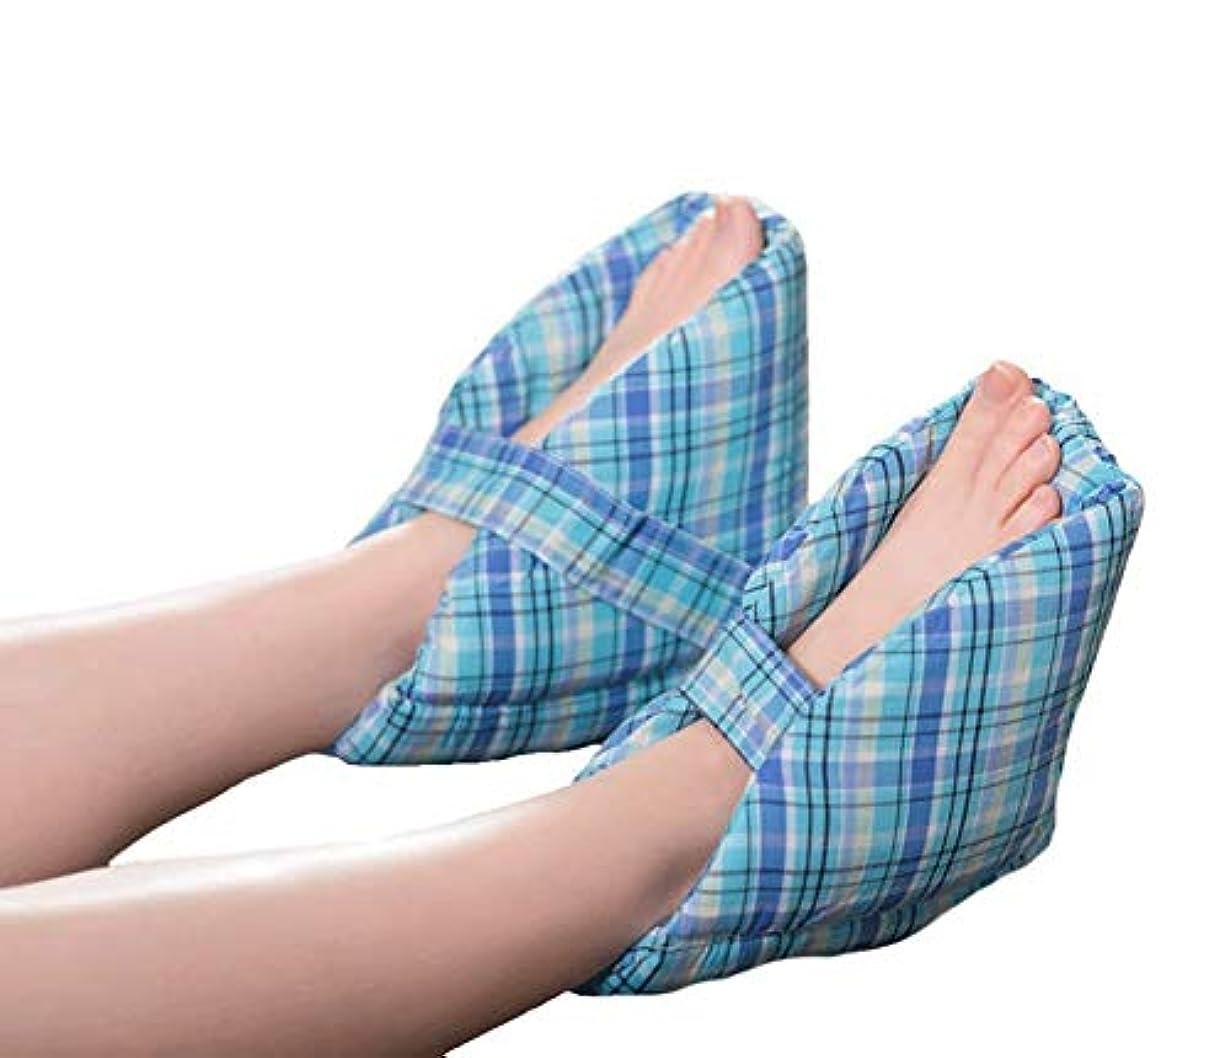 味腫瘍高いかかとプロテクター枕、足補正カバー、効果的なPressure瘡とかかと潰瘍の救済、腫れた足に最適、快適なかかと保護足枕、1ペア